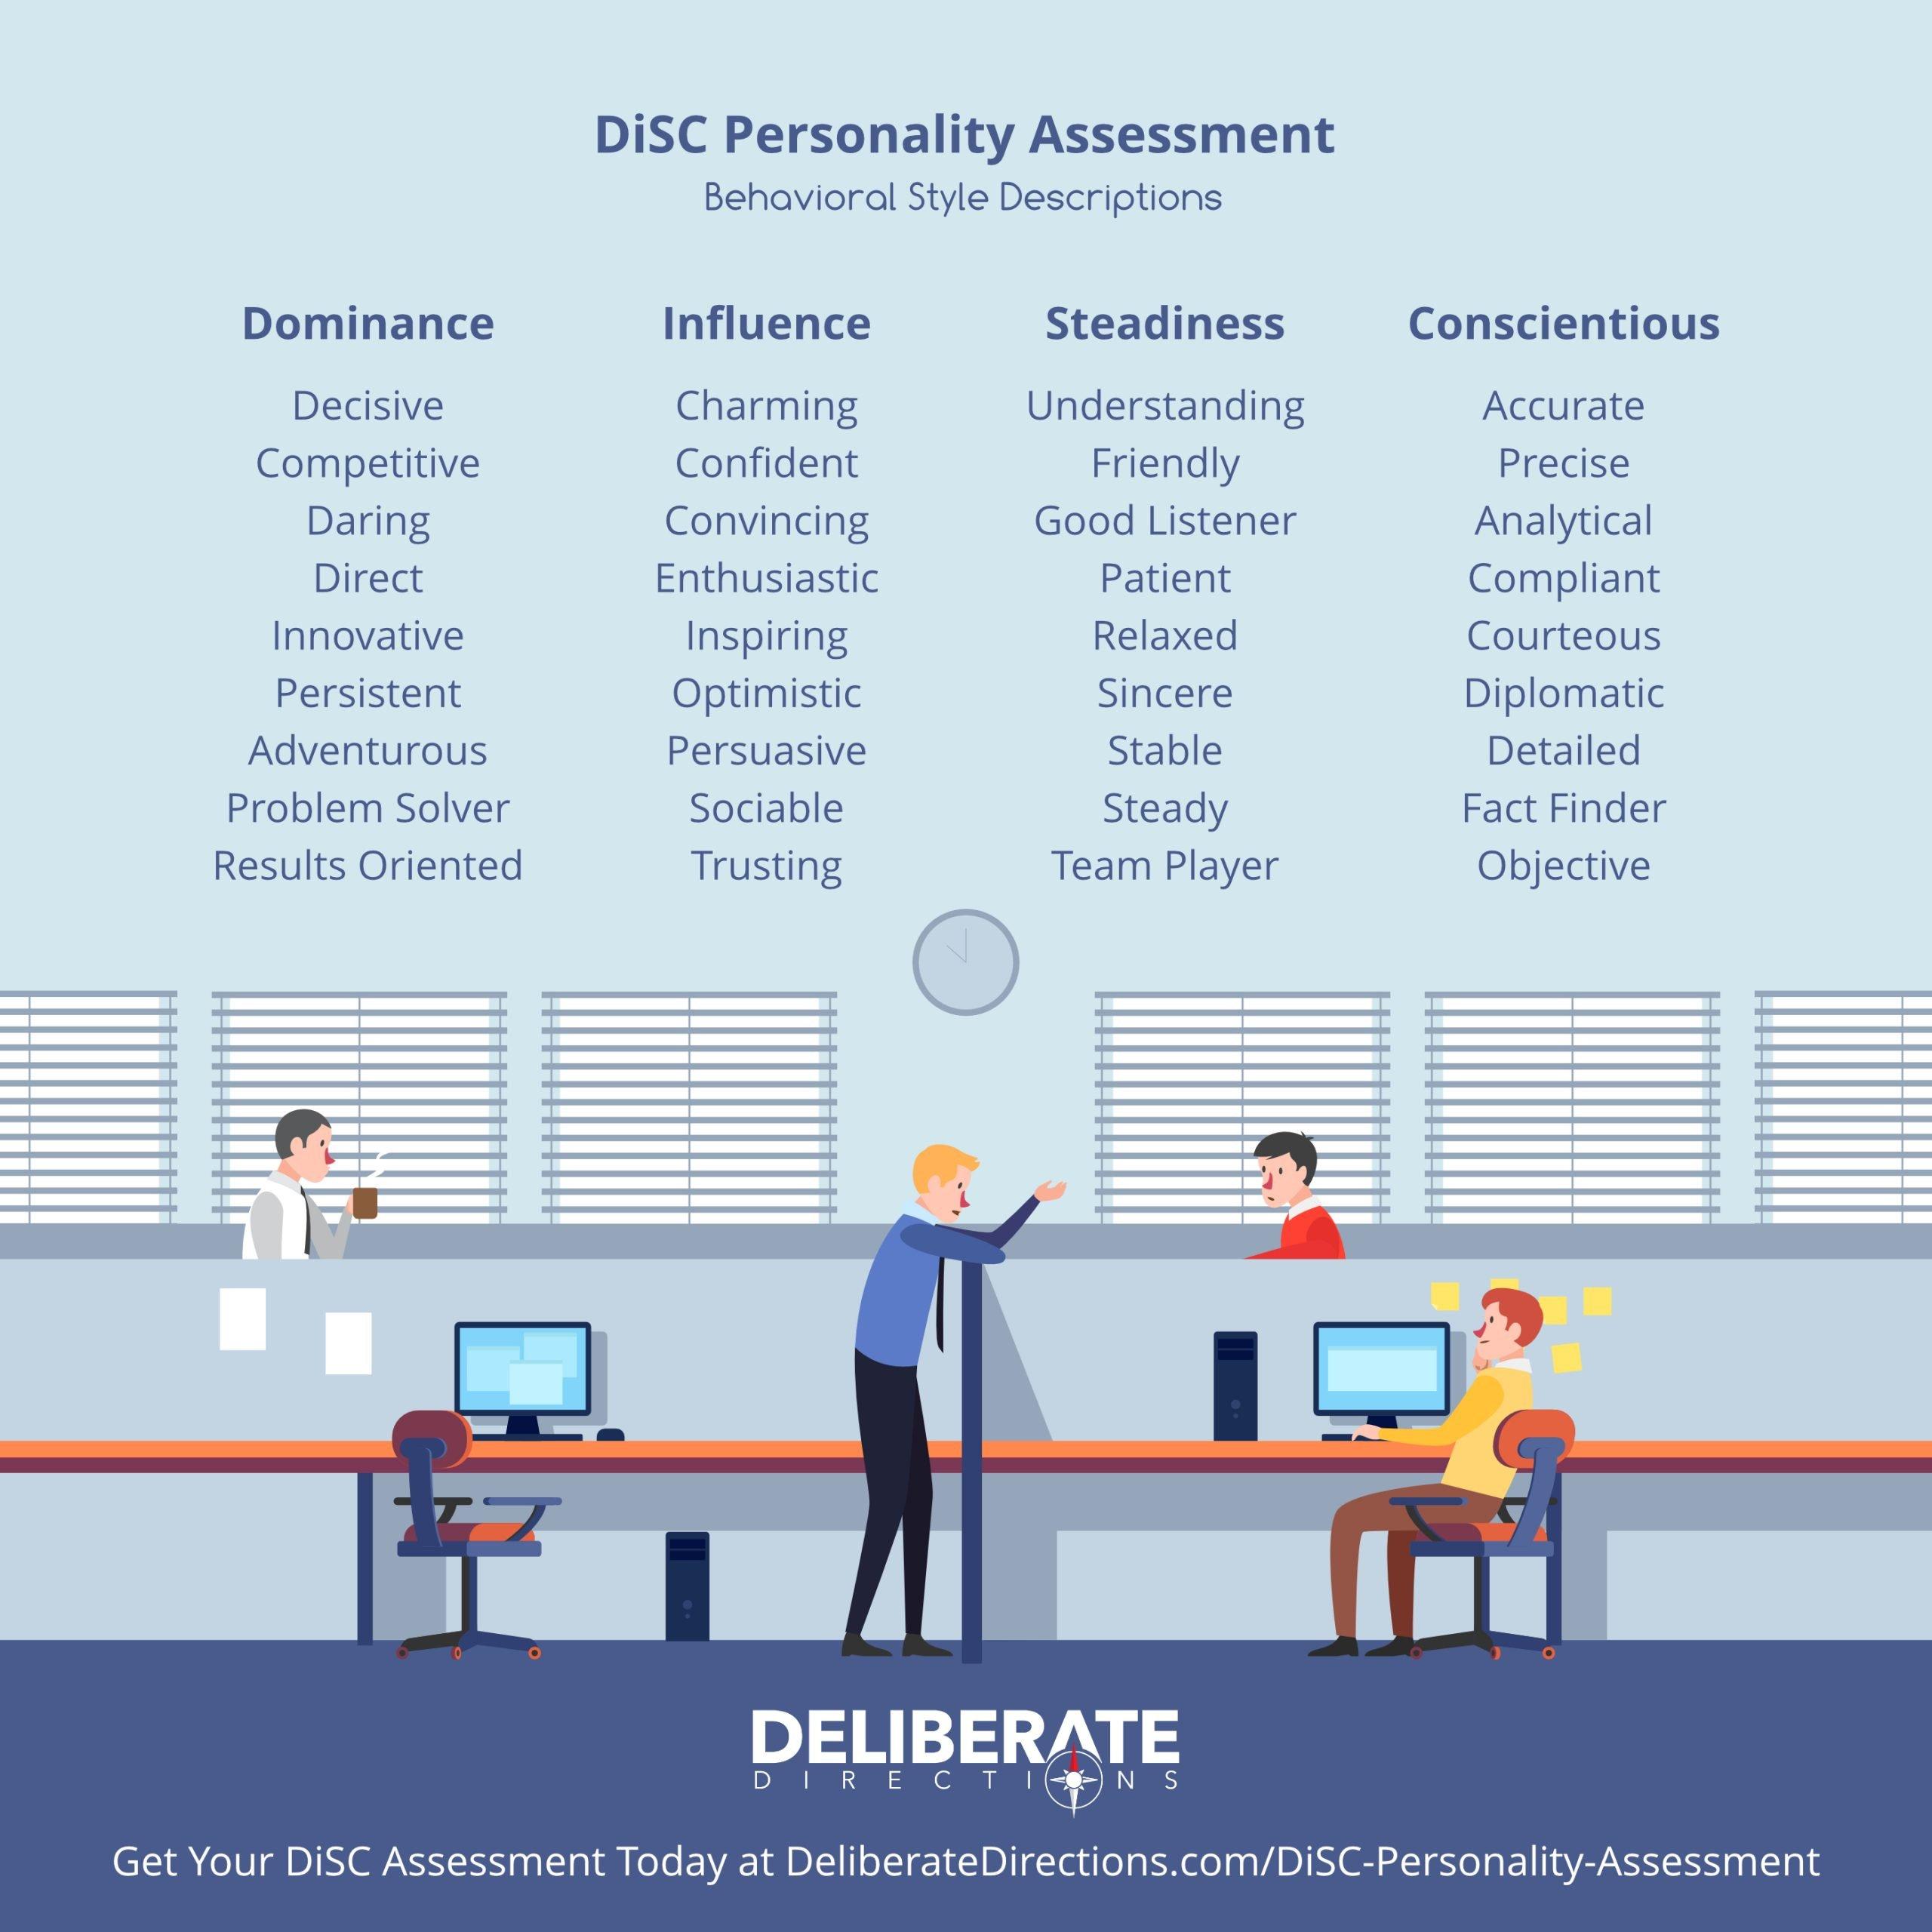 DISC behavioral style descriptions.